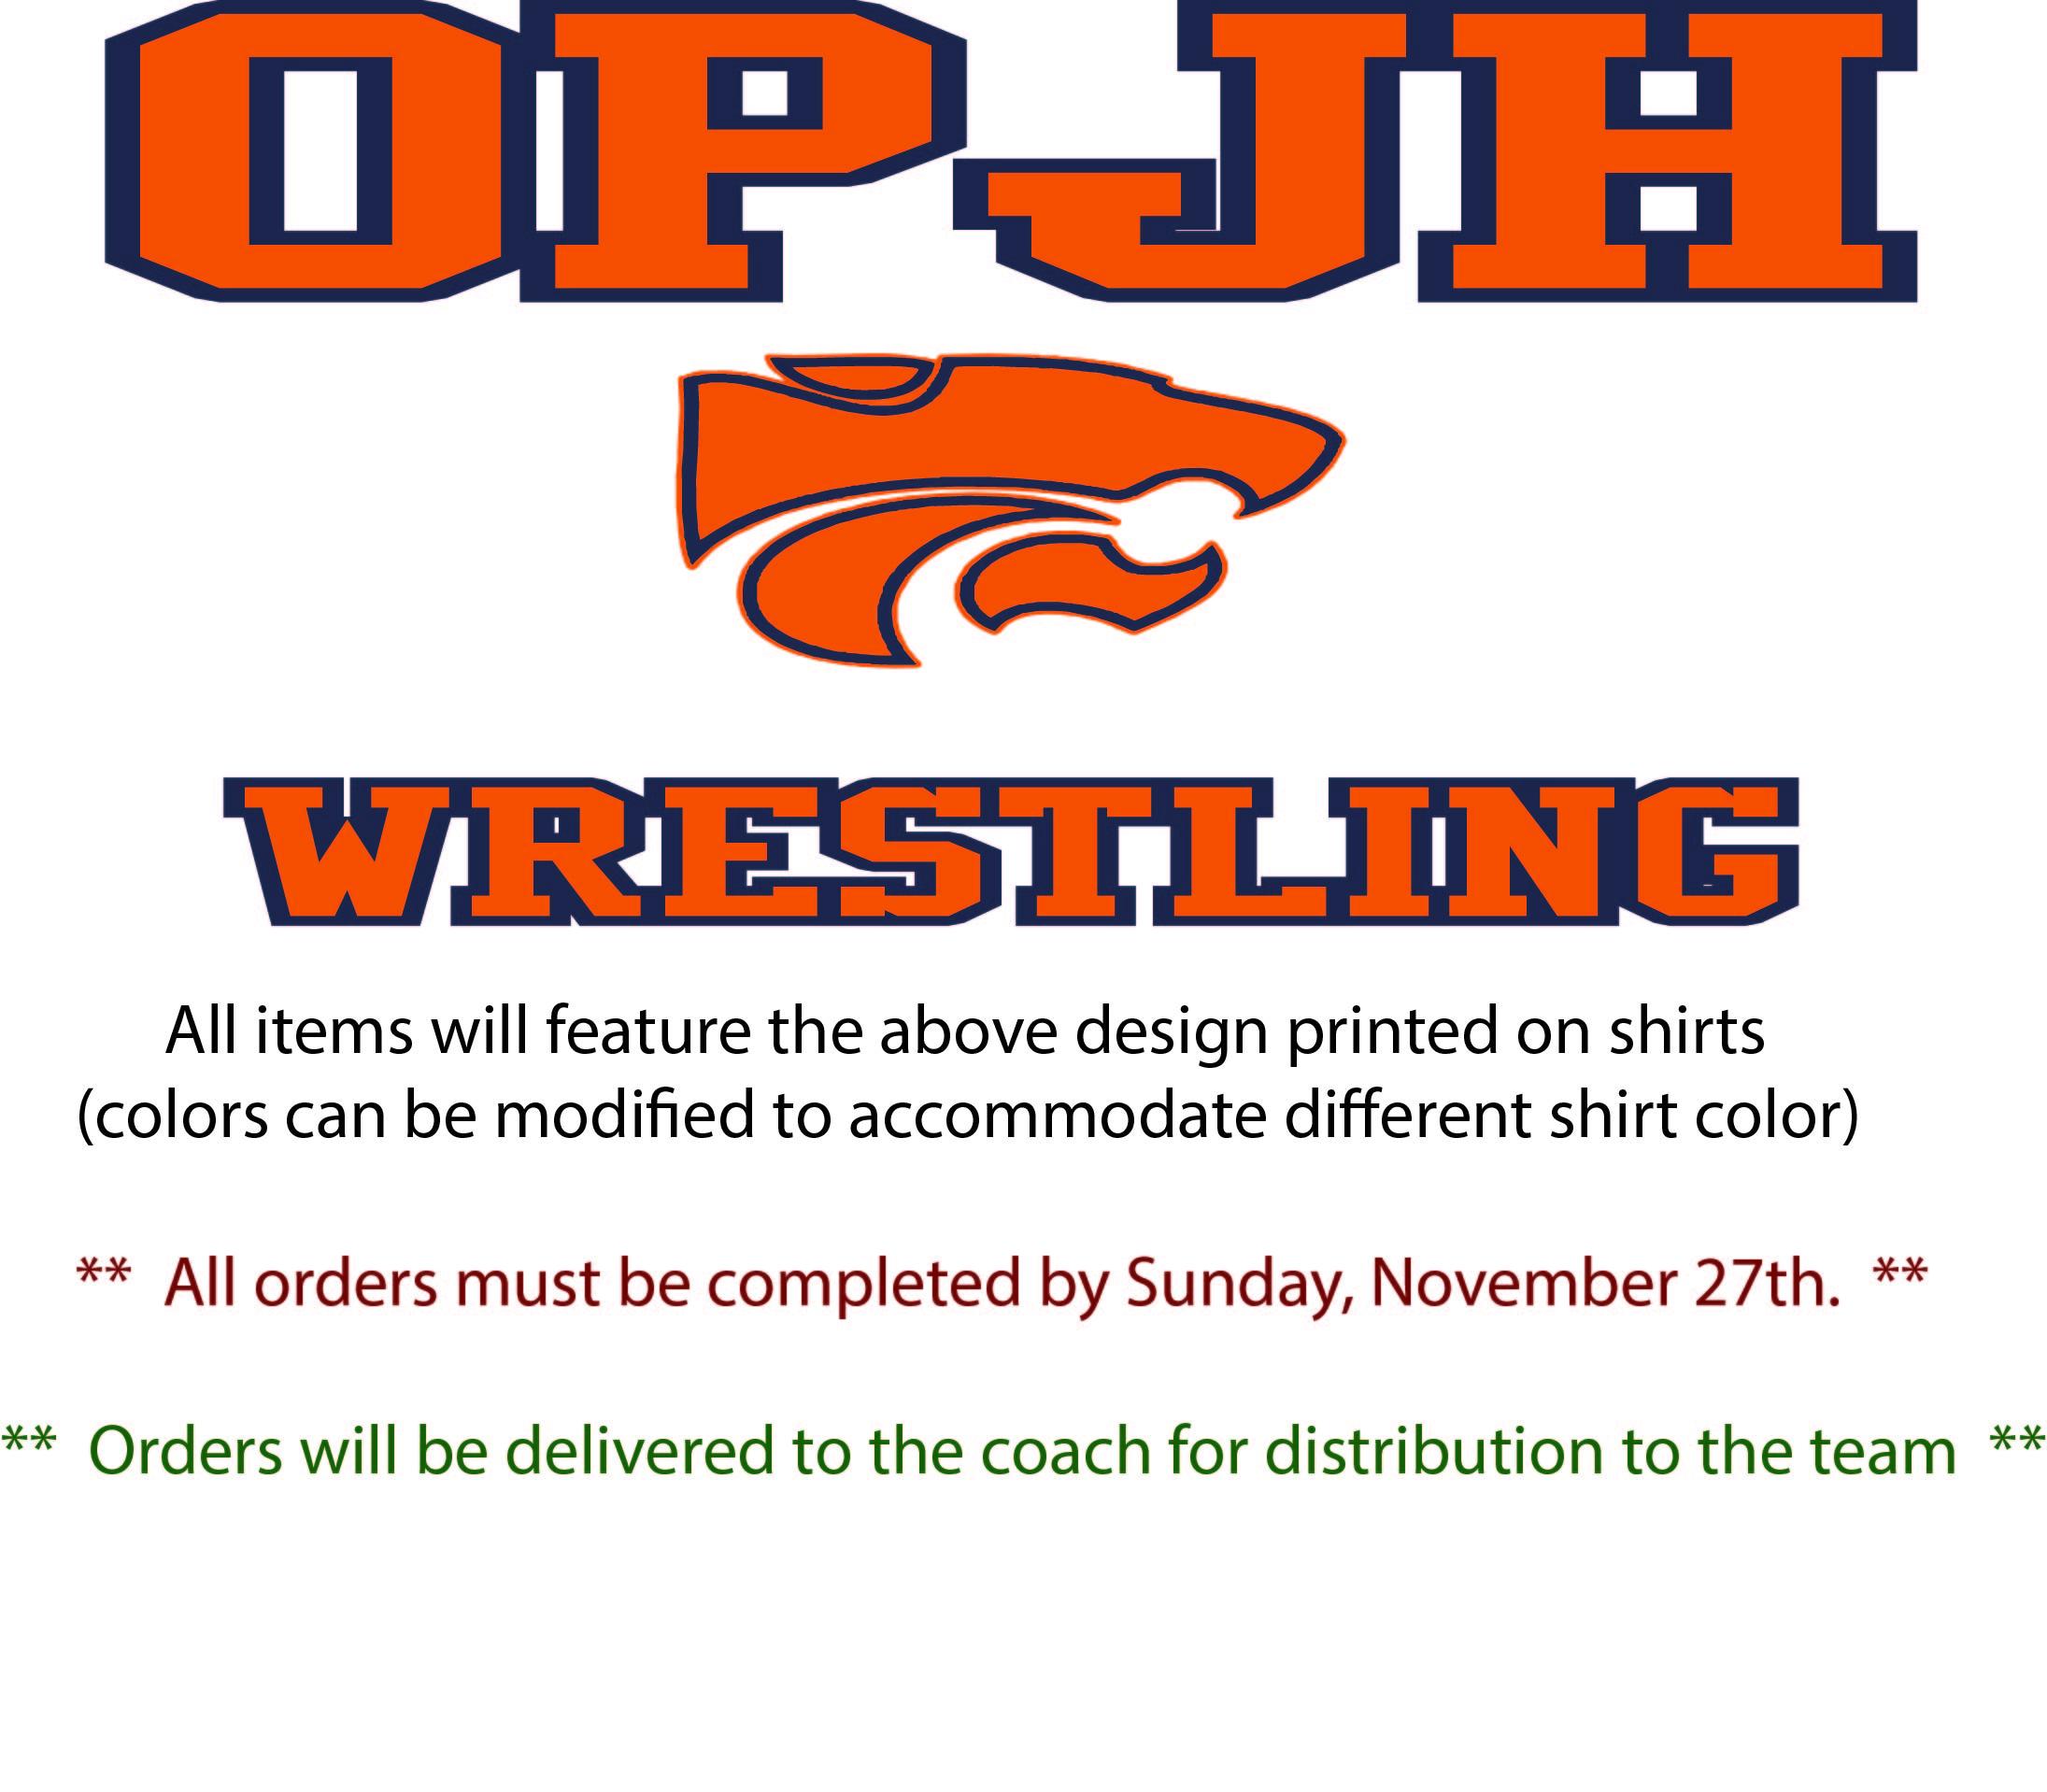 opjh-wrestline-web-site-header.jpg